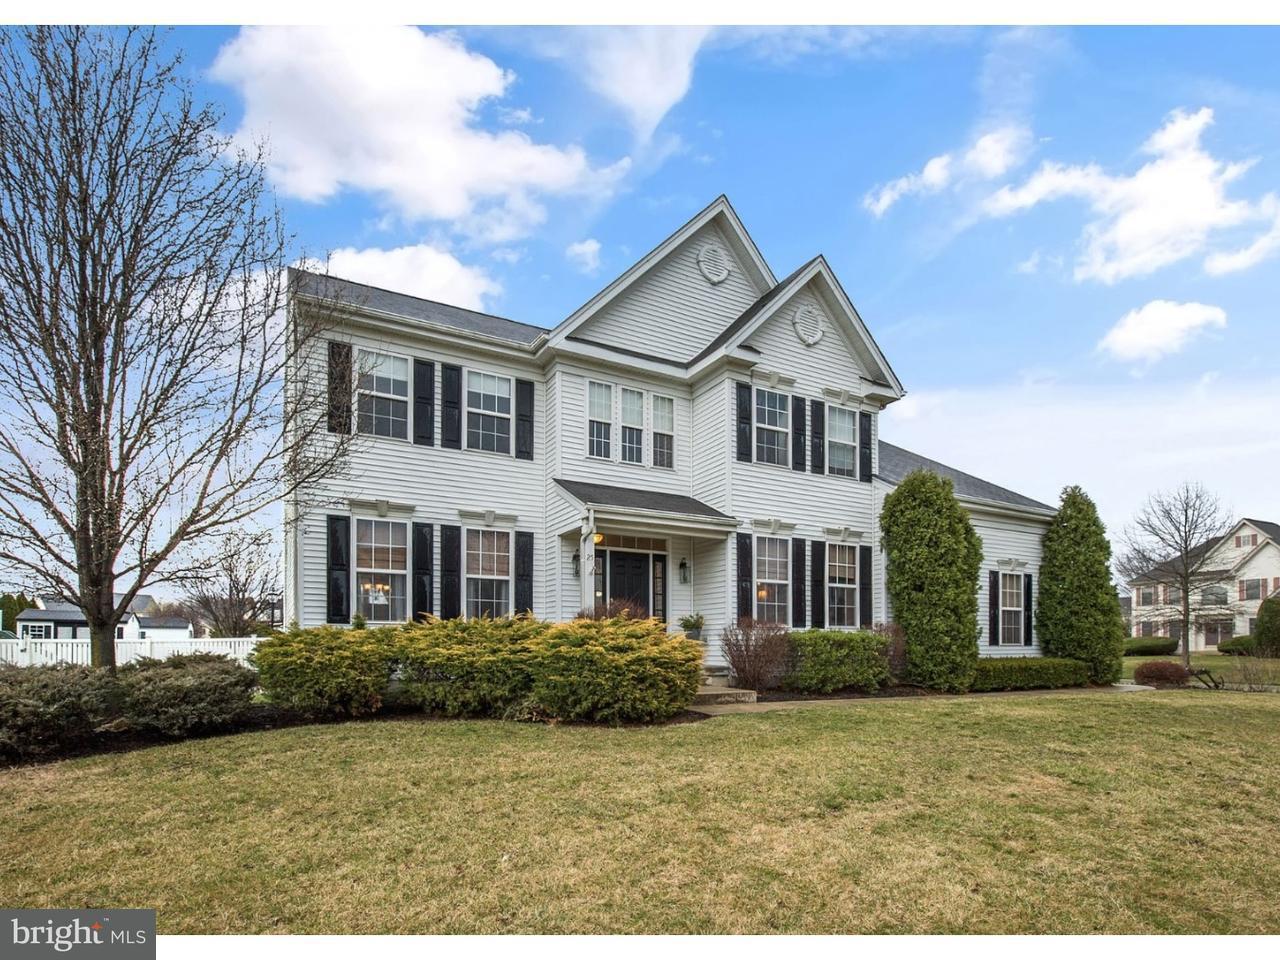 Maison unifamiliale pour l Vente à 25 THISTLE Lane Lumberton, New Jersey 08048 États-Unis